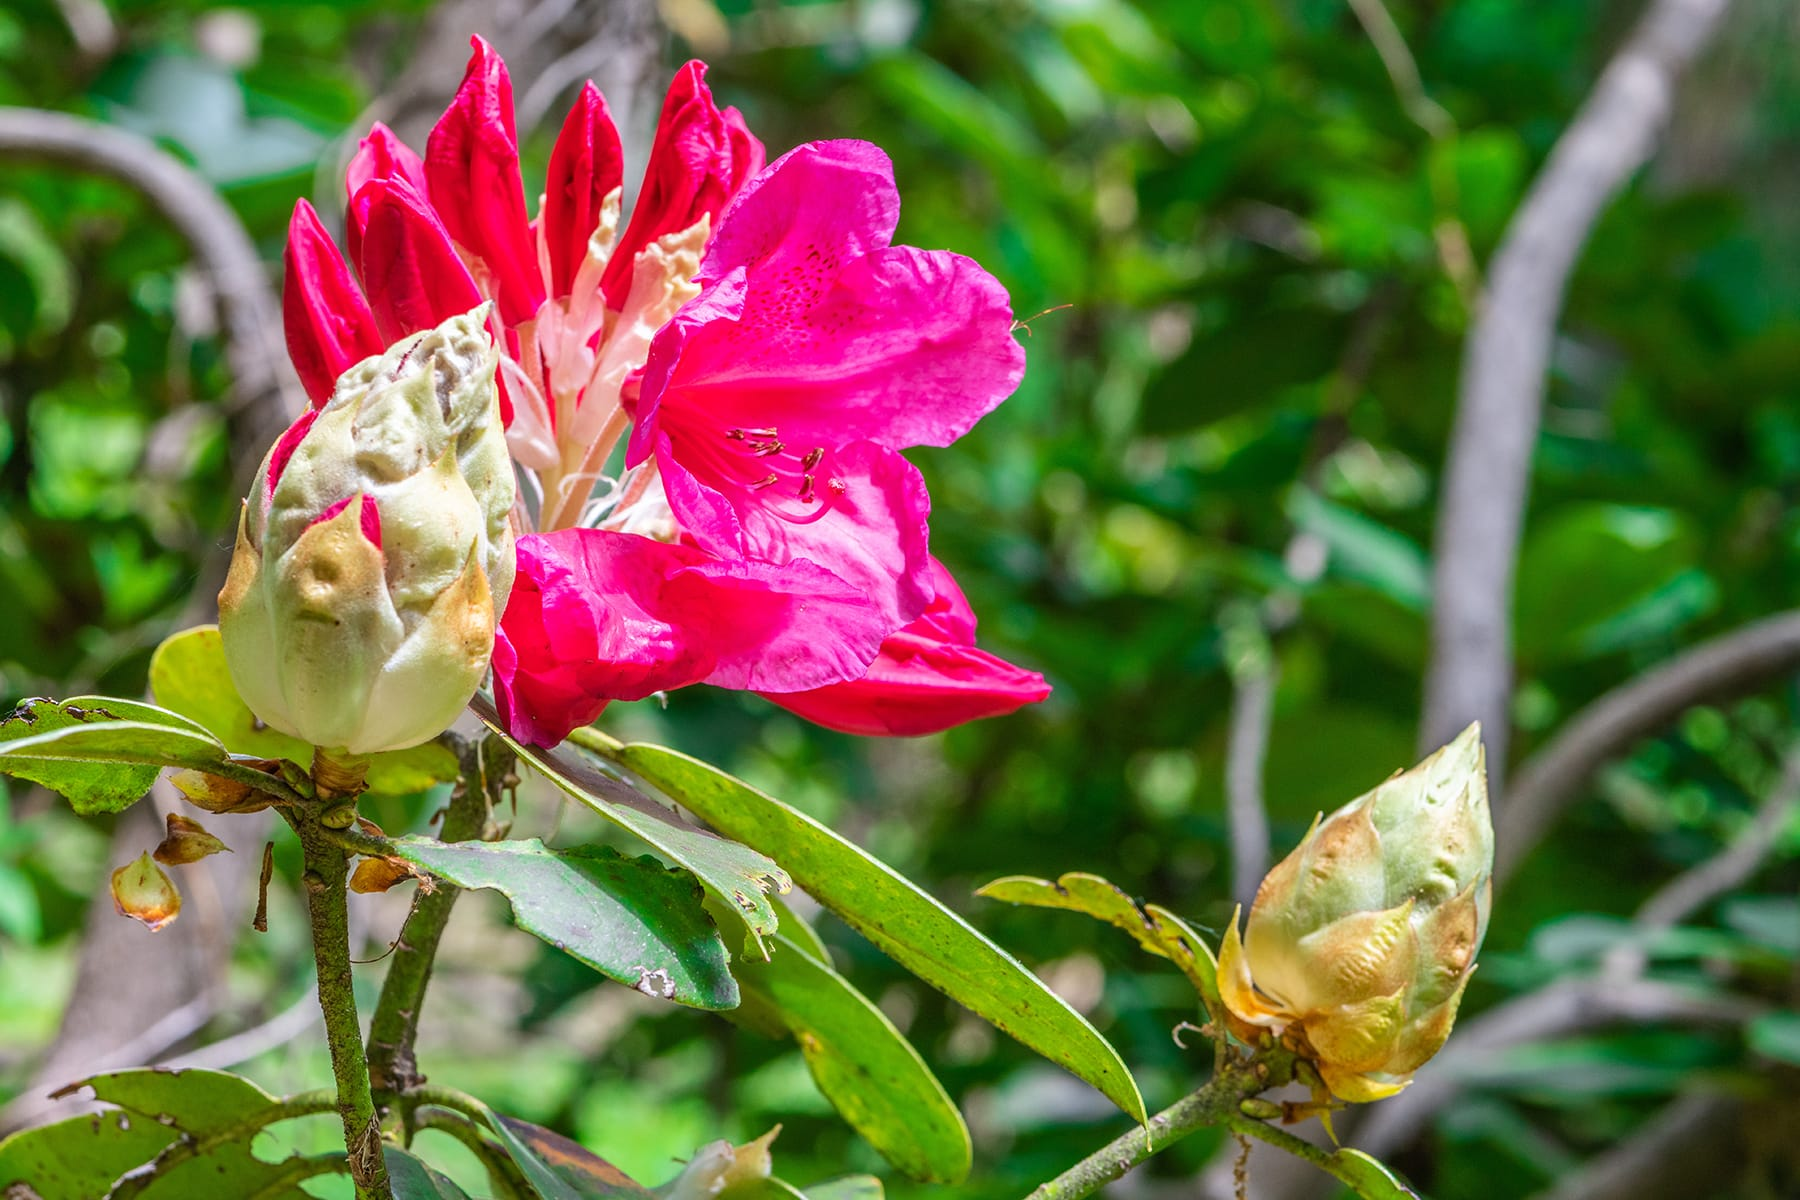 ミューズパークの石楠花 【秩父ミューズパーク・シャクナゲ園|埼玉県秩父郡小鹿野町】| フォトさいたま